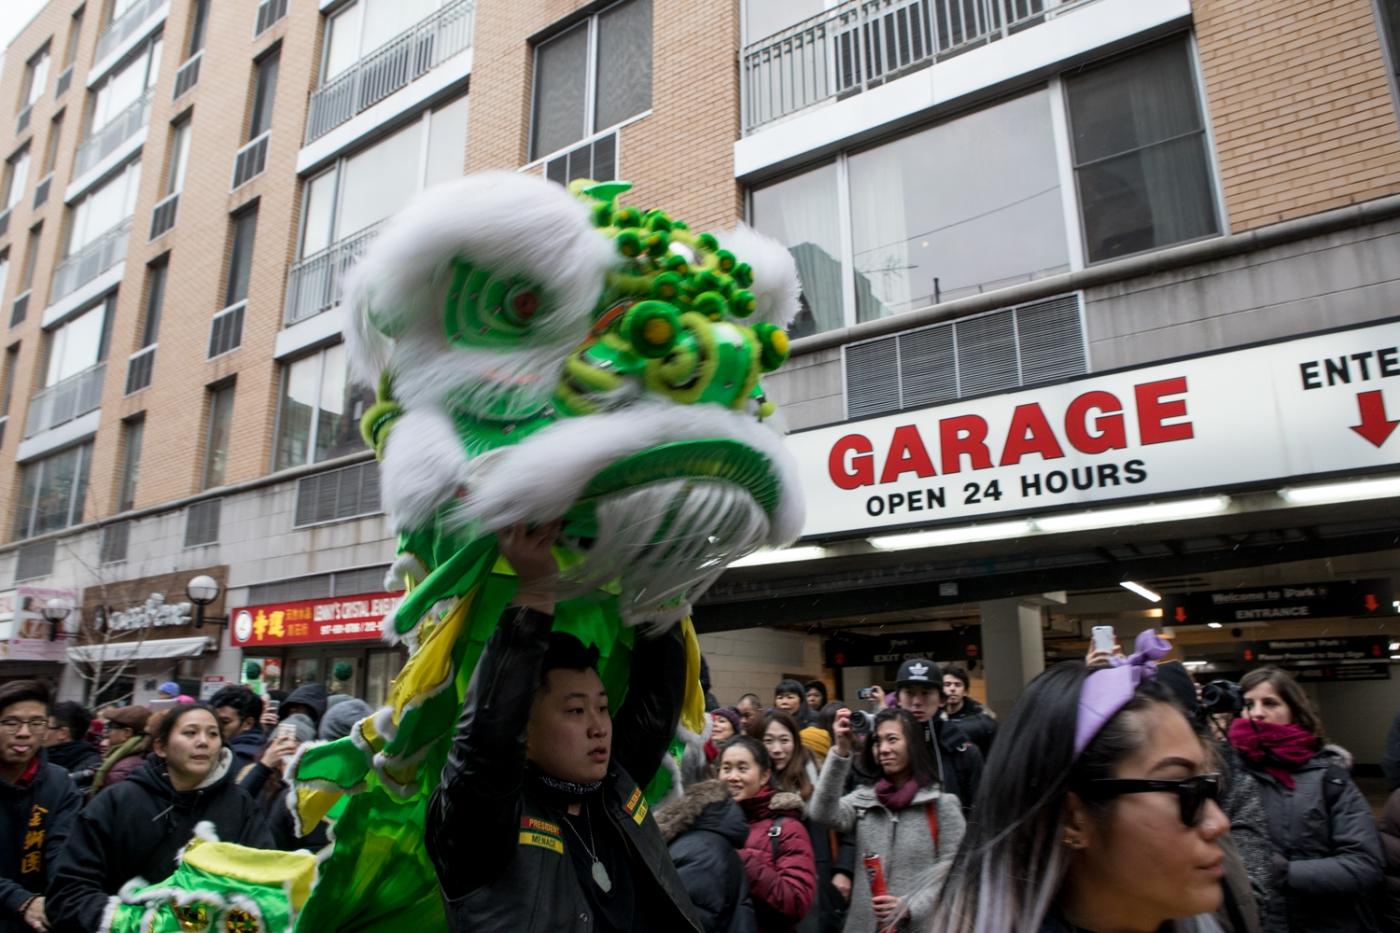 美國春節好熱鬧    ----紐約曼哈頓唐人街大年初一 20170128_图1-7